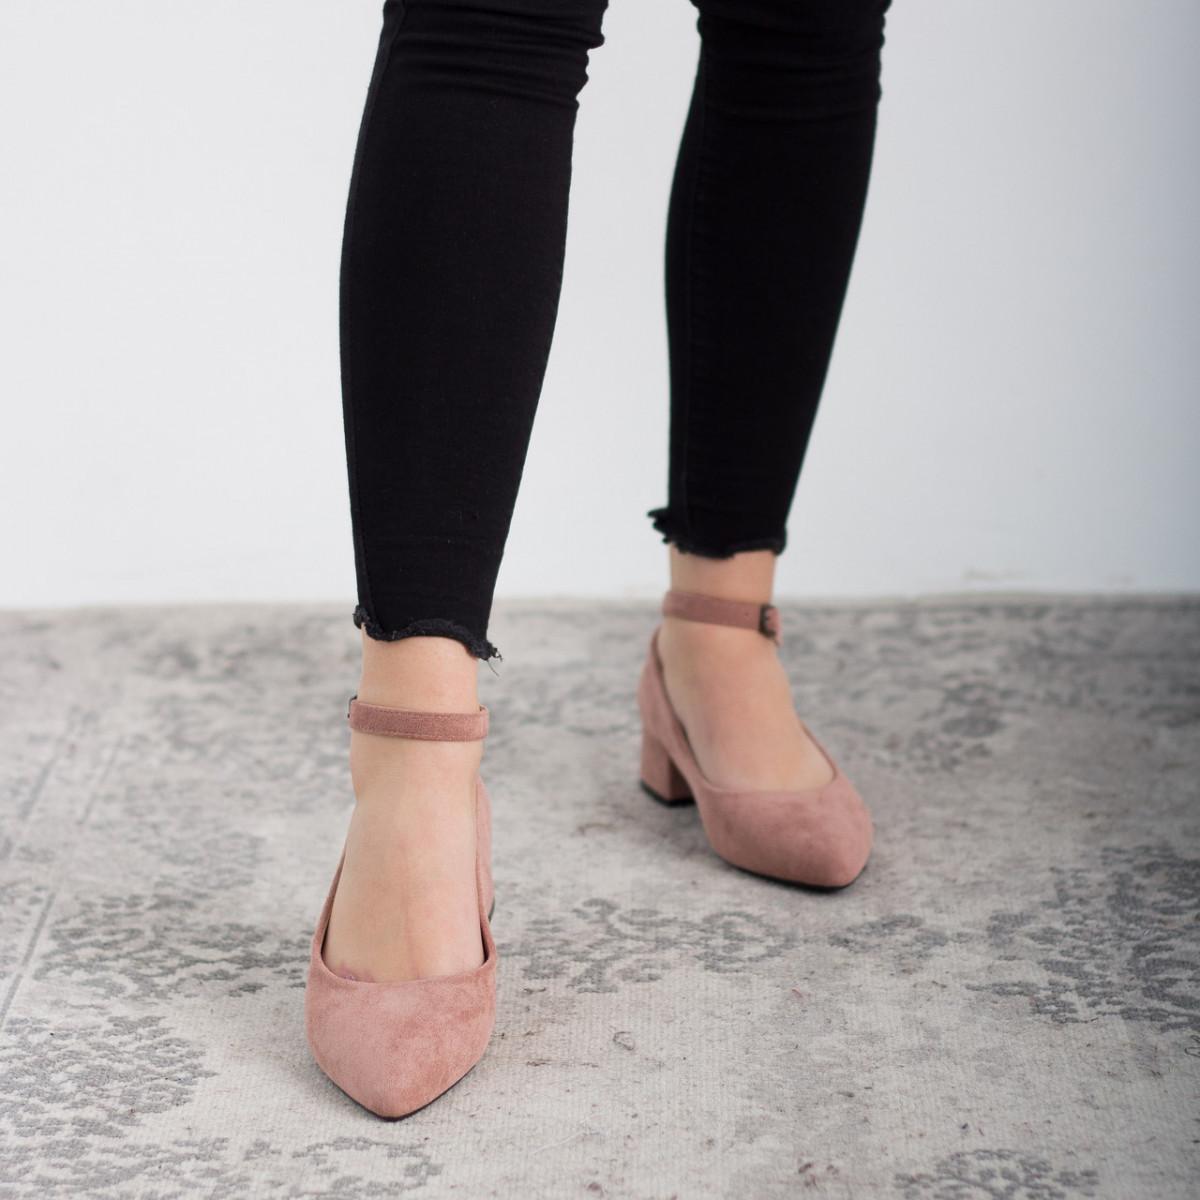 Туфли женские Fashion Caglistro 2629 36 размер 23,5 см Розовый